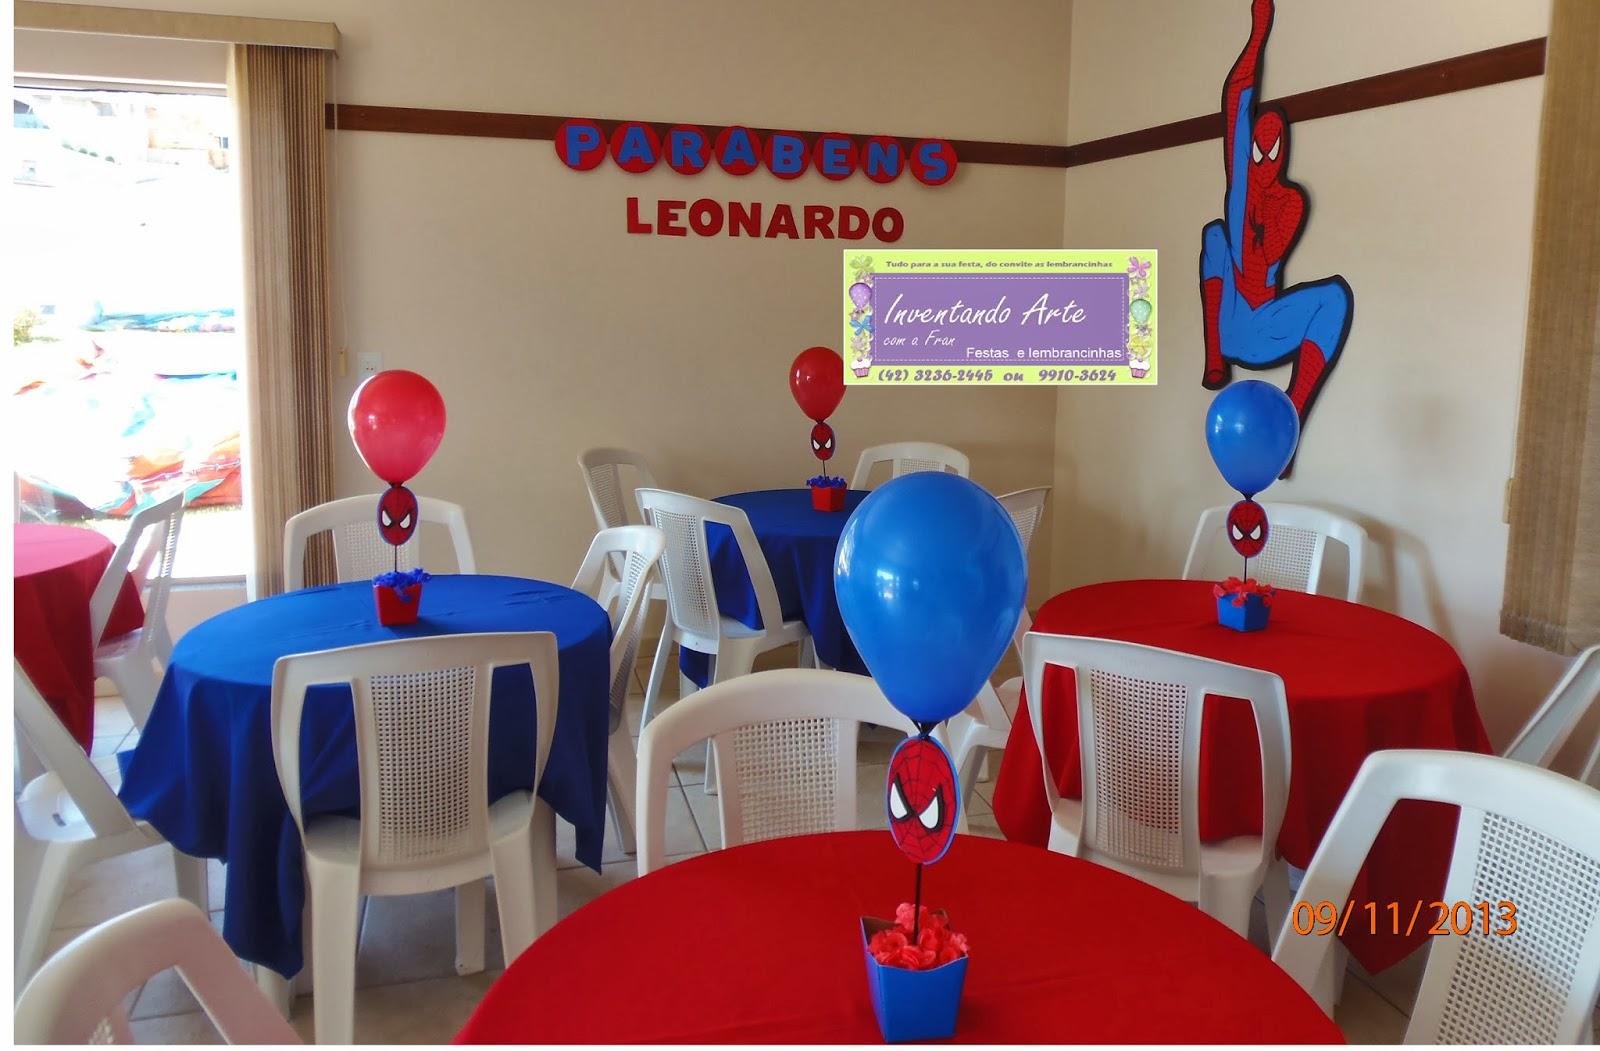 festa homem aranha : decoracao festa do homem aranha ? Doitri.com